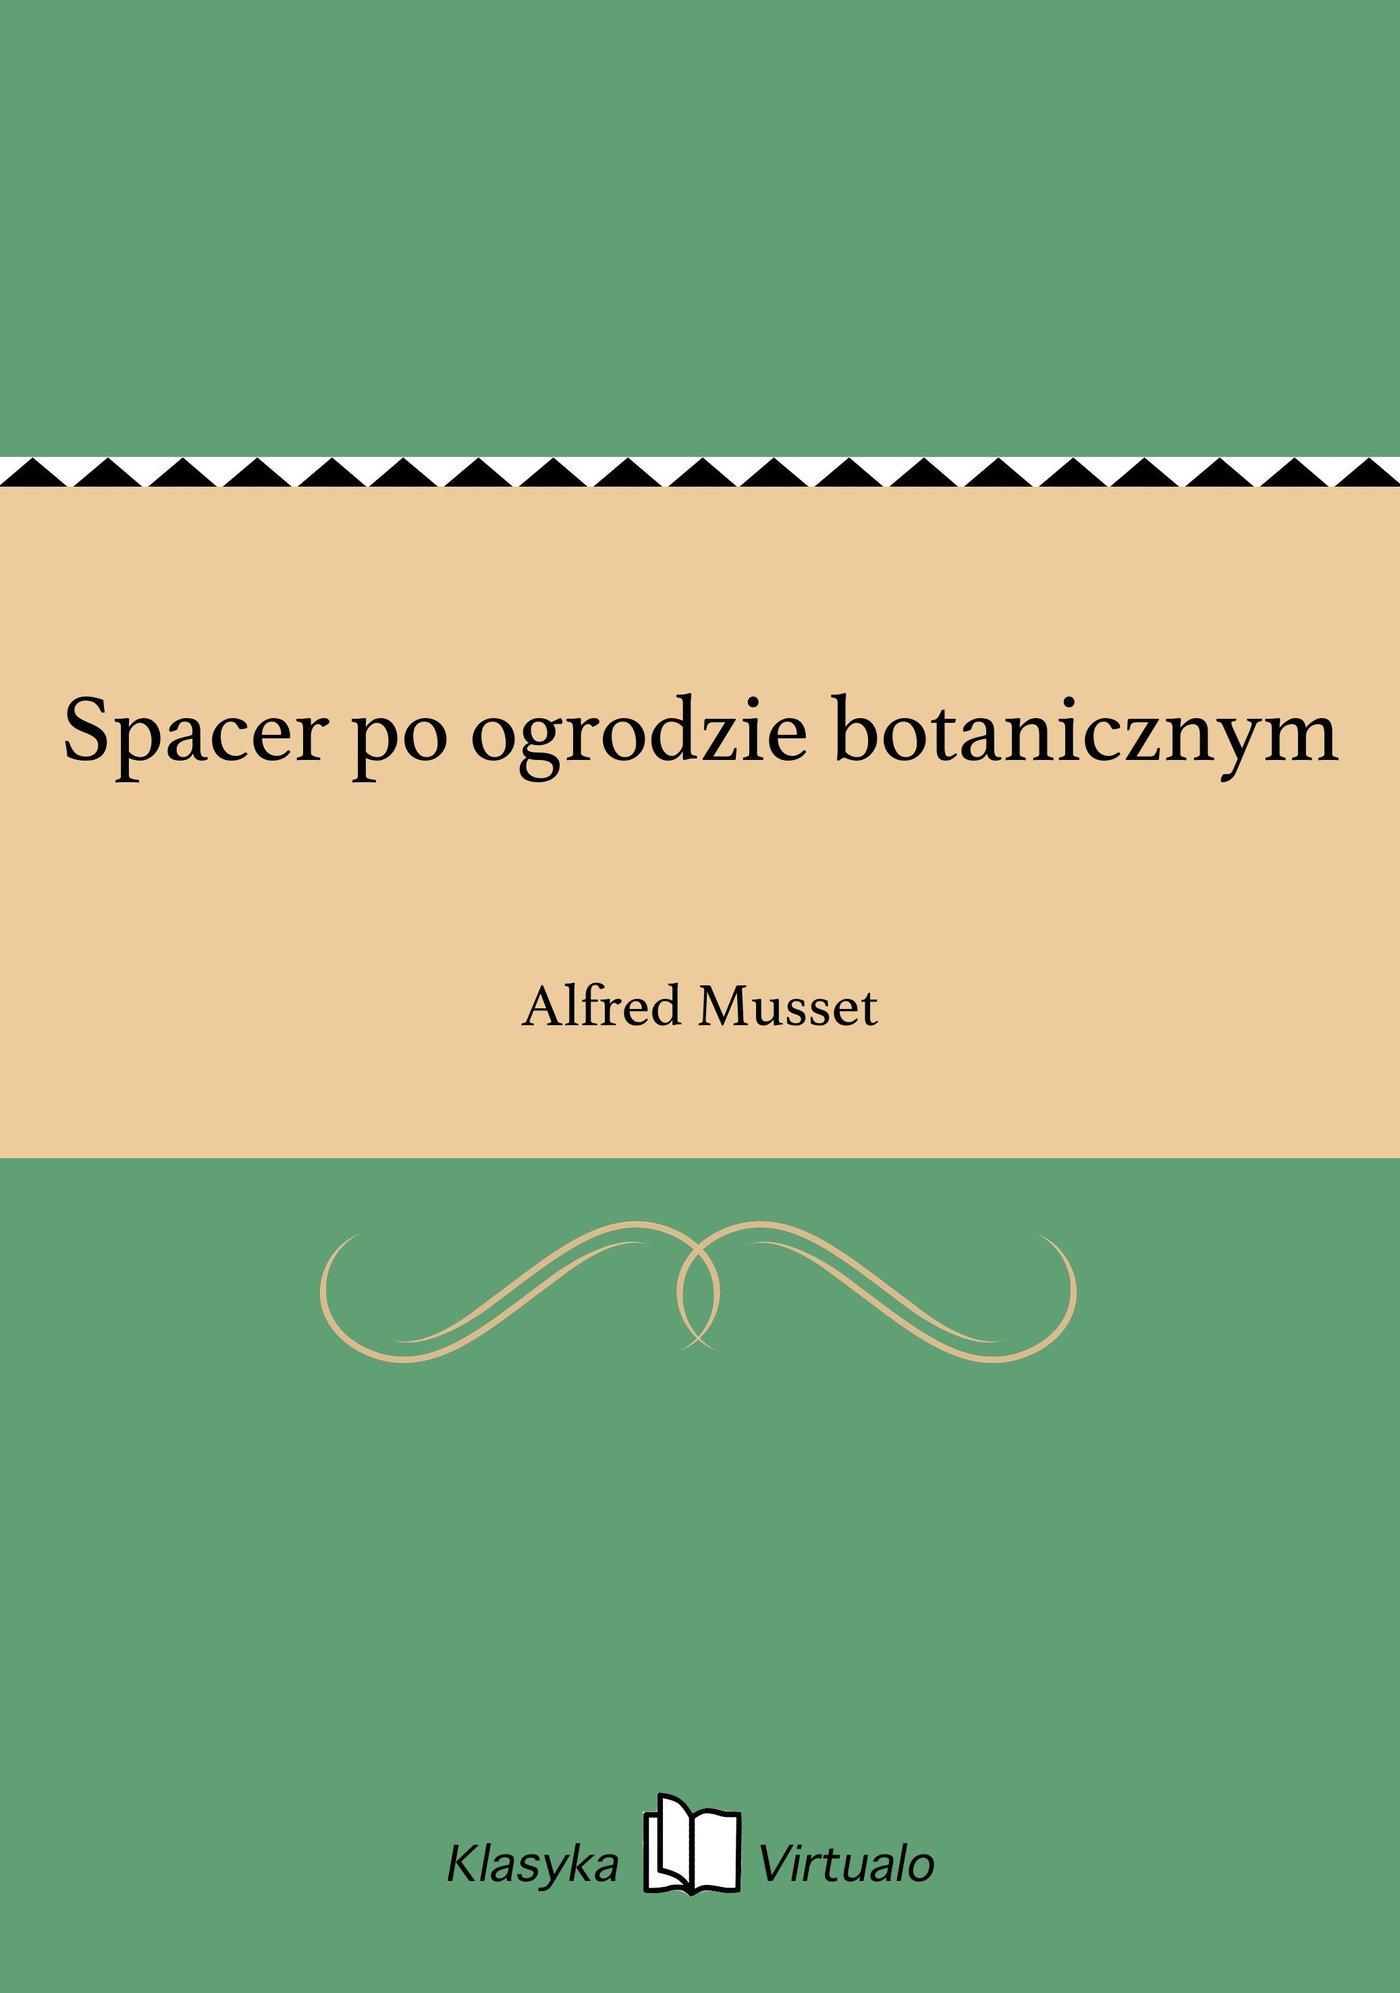 Spacer po ogrodzie botanicznym - Ebook (Książka EPUB) do pobrania w formacie EPUB